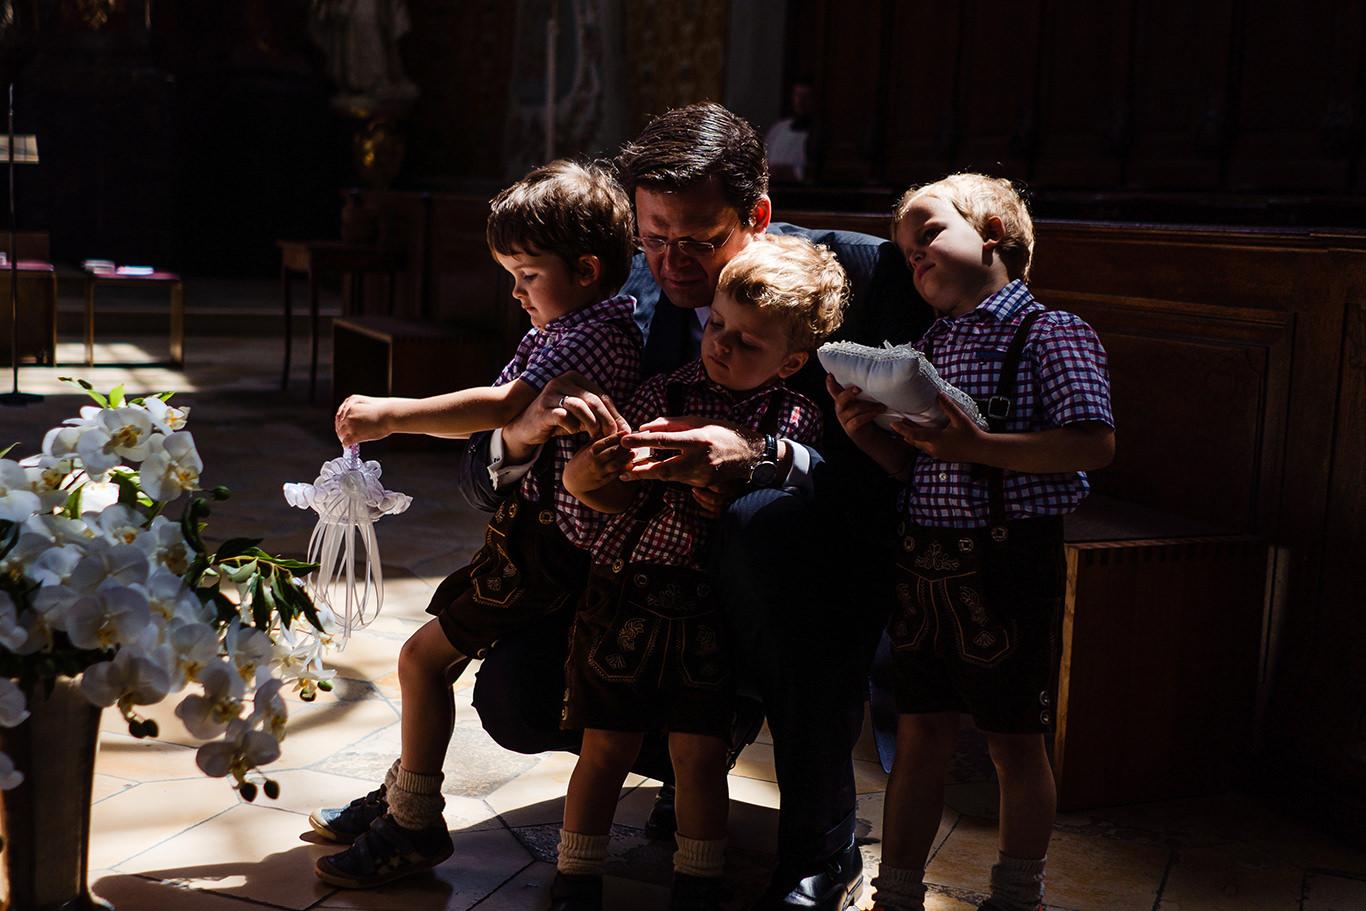 Copii asteapta momentul sa dea inelele la o nunta in Munchen